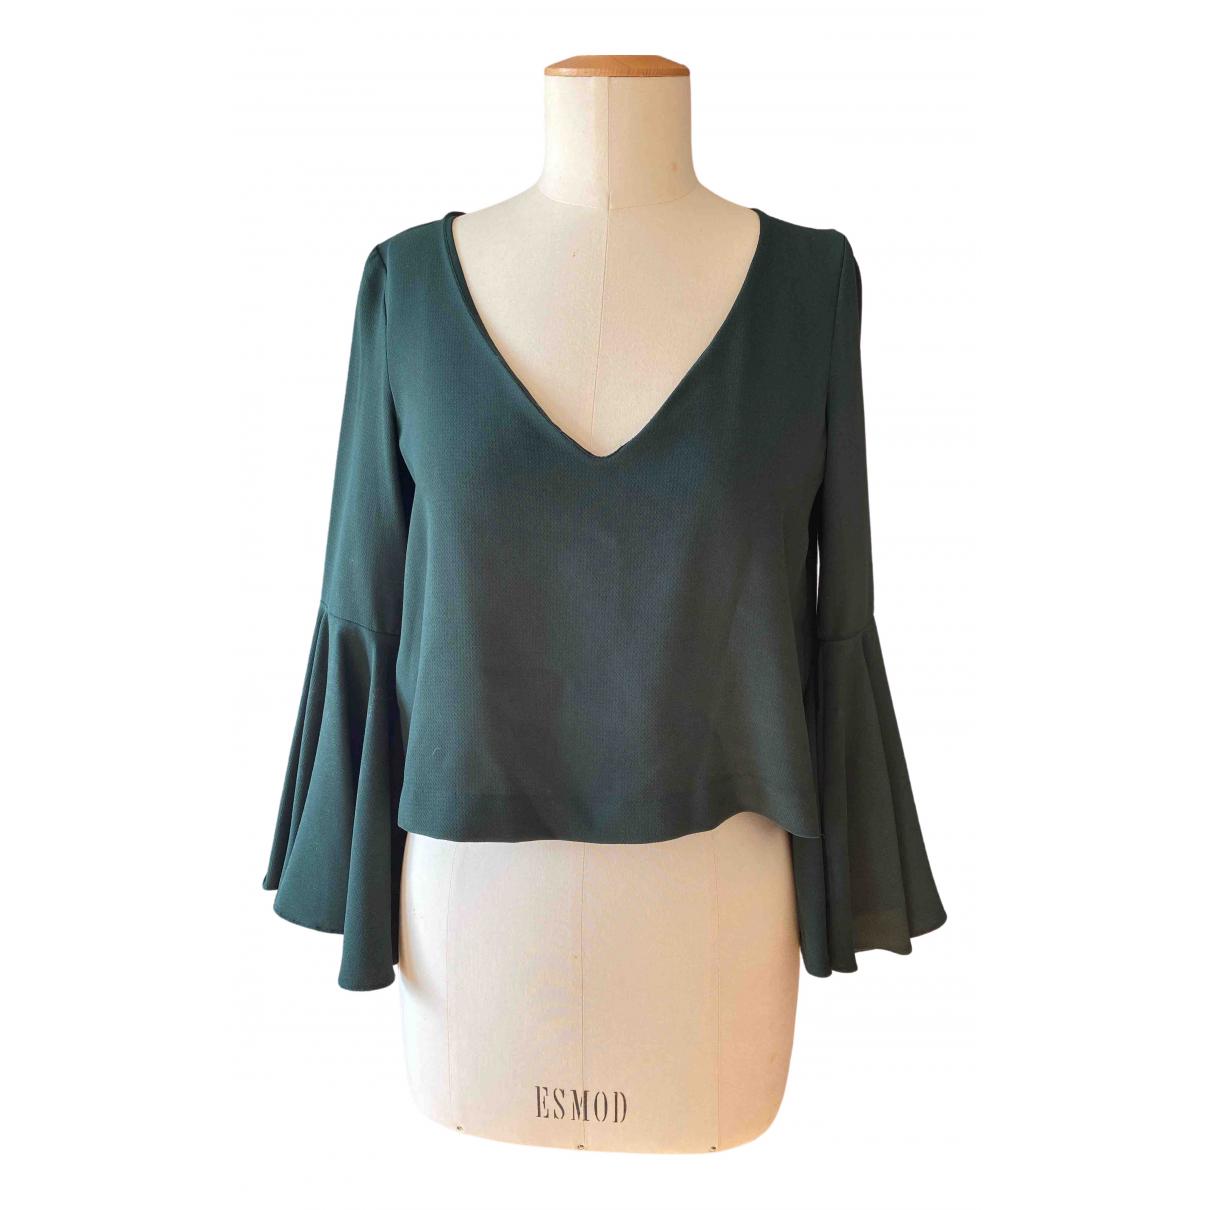 Zara - Top   pour femme - vert